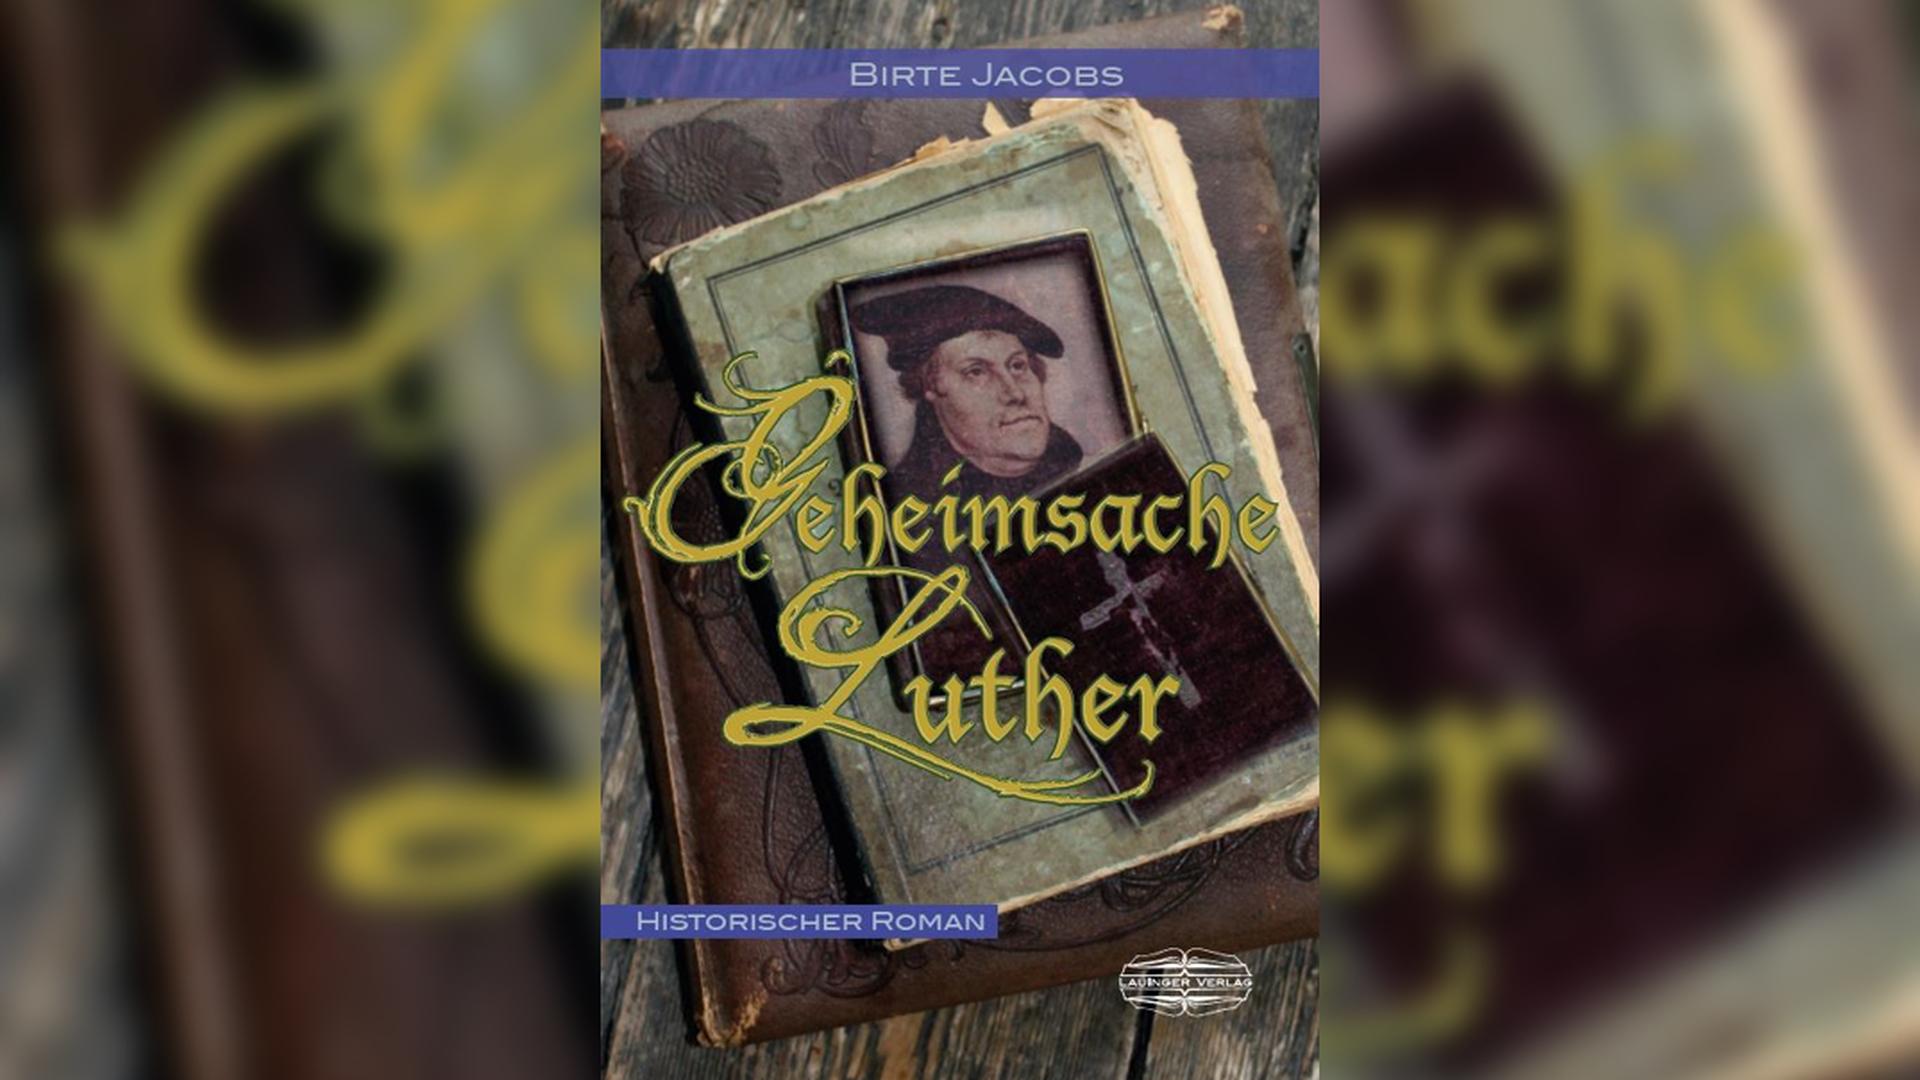 Die Buchempfehlung des Bücherbuffet Laden in Karlsruhe: Geheimsache Luther | Birte Jacobs